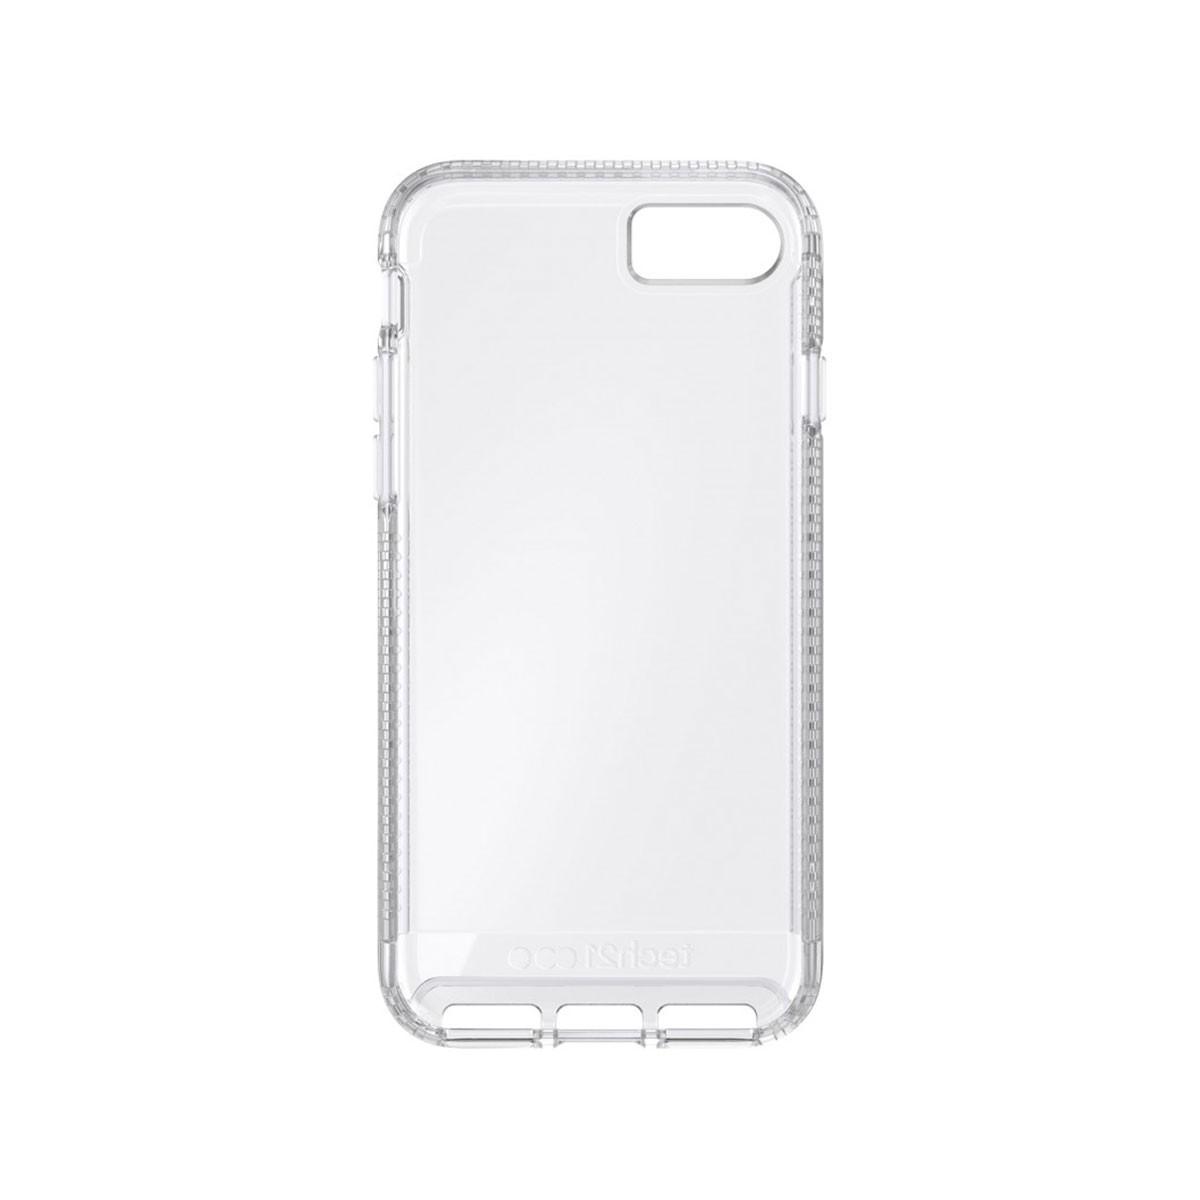 Прозрачен кейс Impact Clear от Tech21 за смартфон Apple iPhone 7